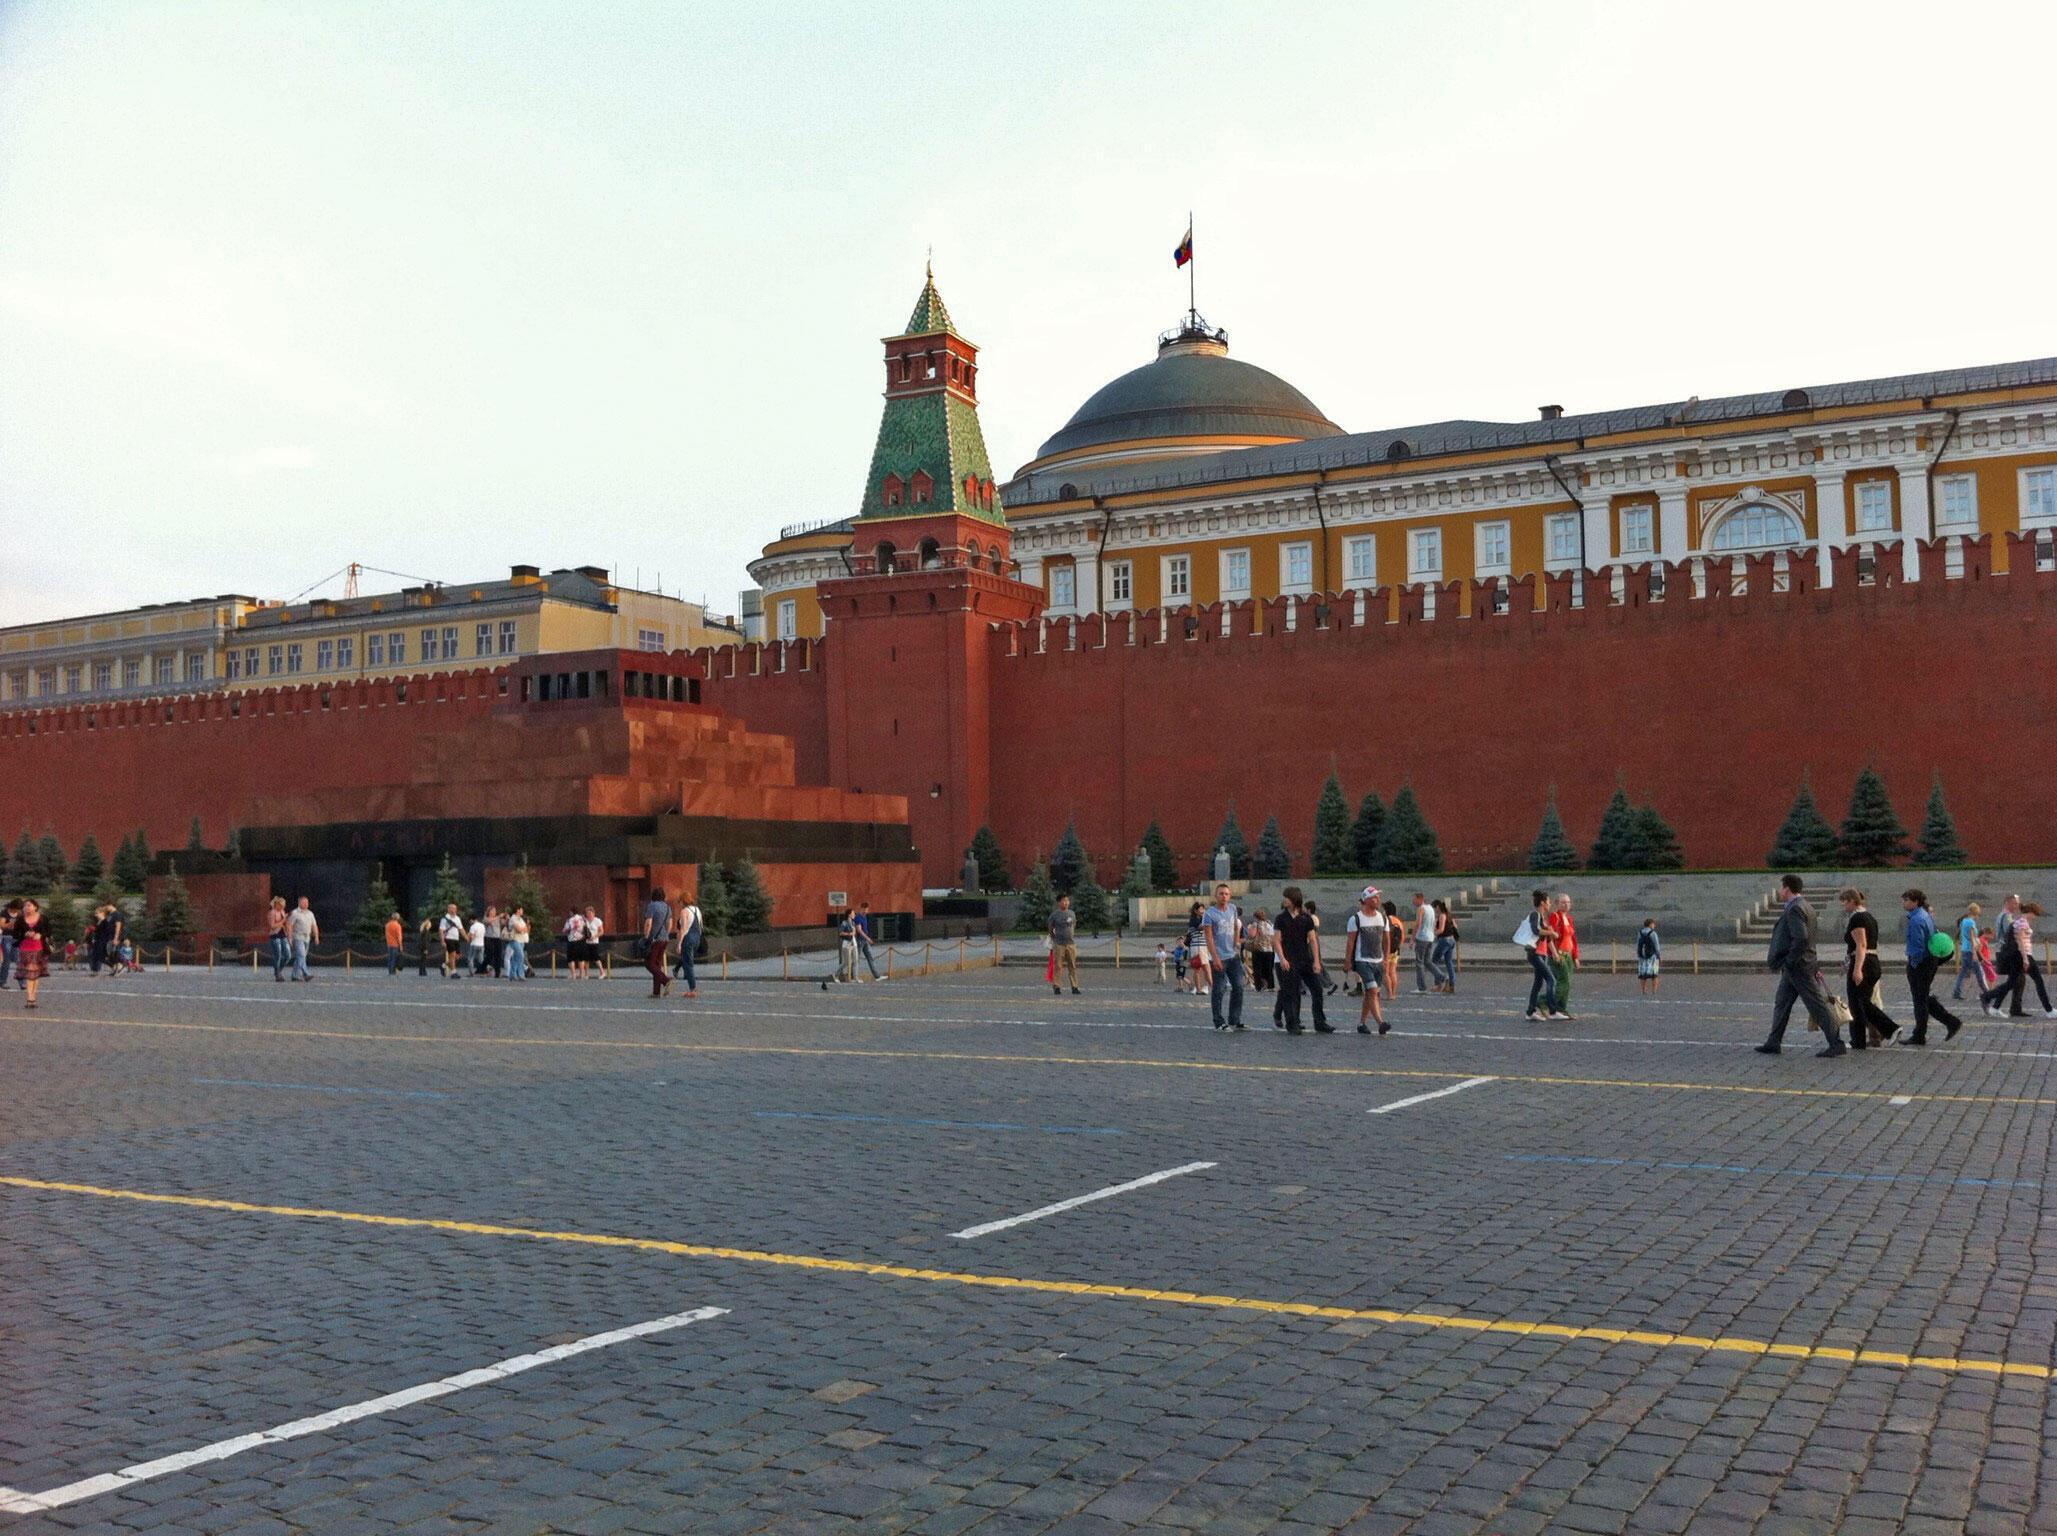 La muraille du Kremlin, avec, en premier plan, le mausolée de Lénine et derrière, les bâtiments jaune-ocre de l'administration présidentielle.